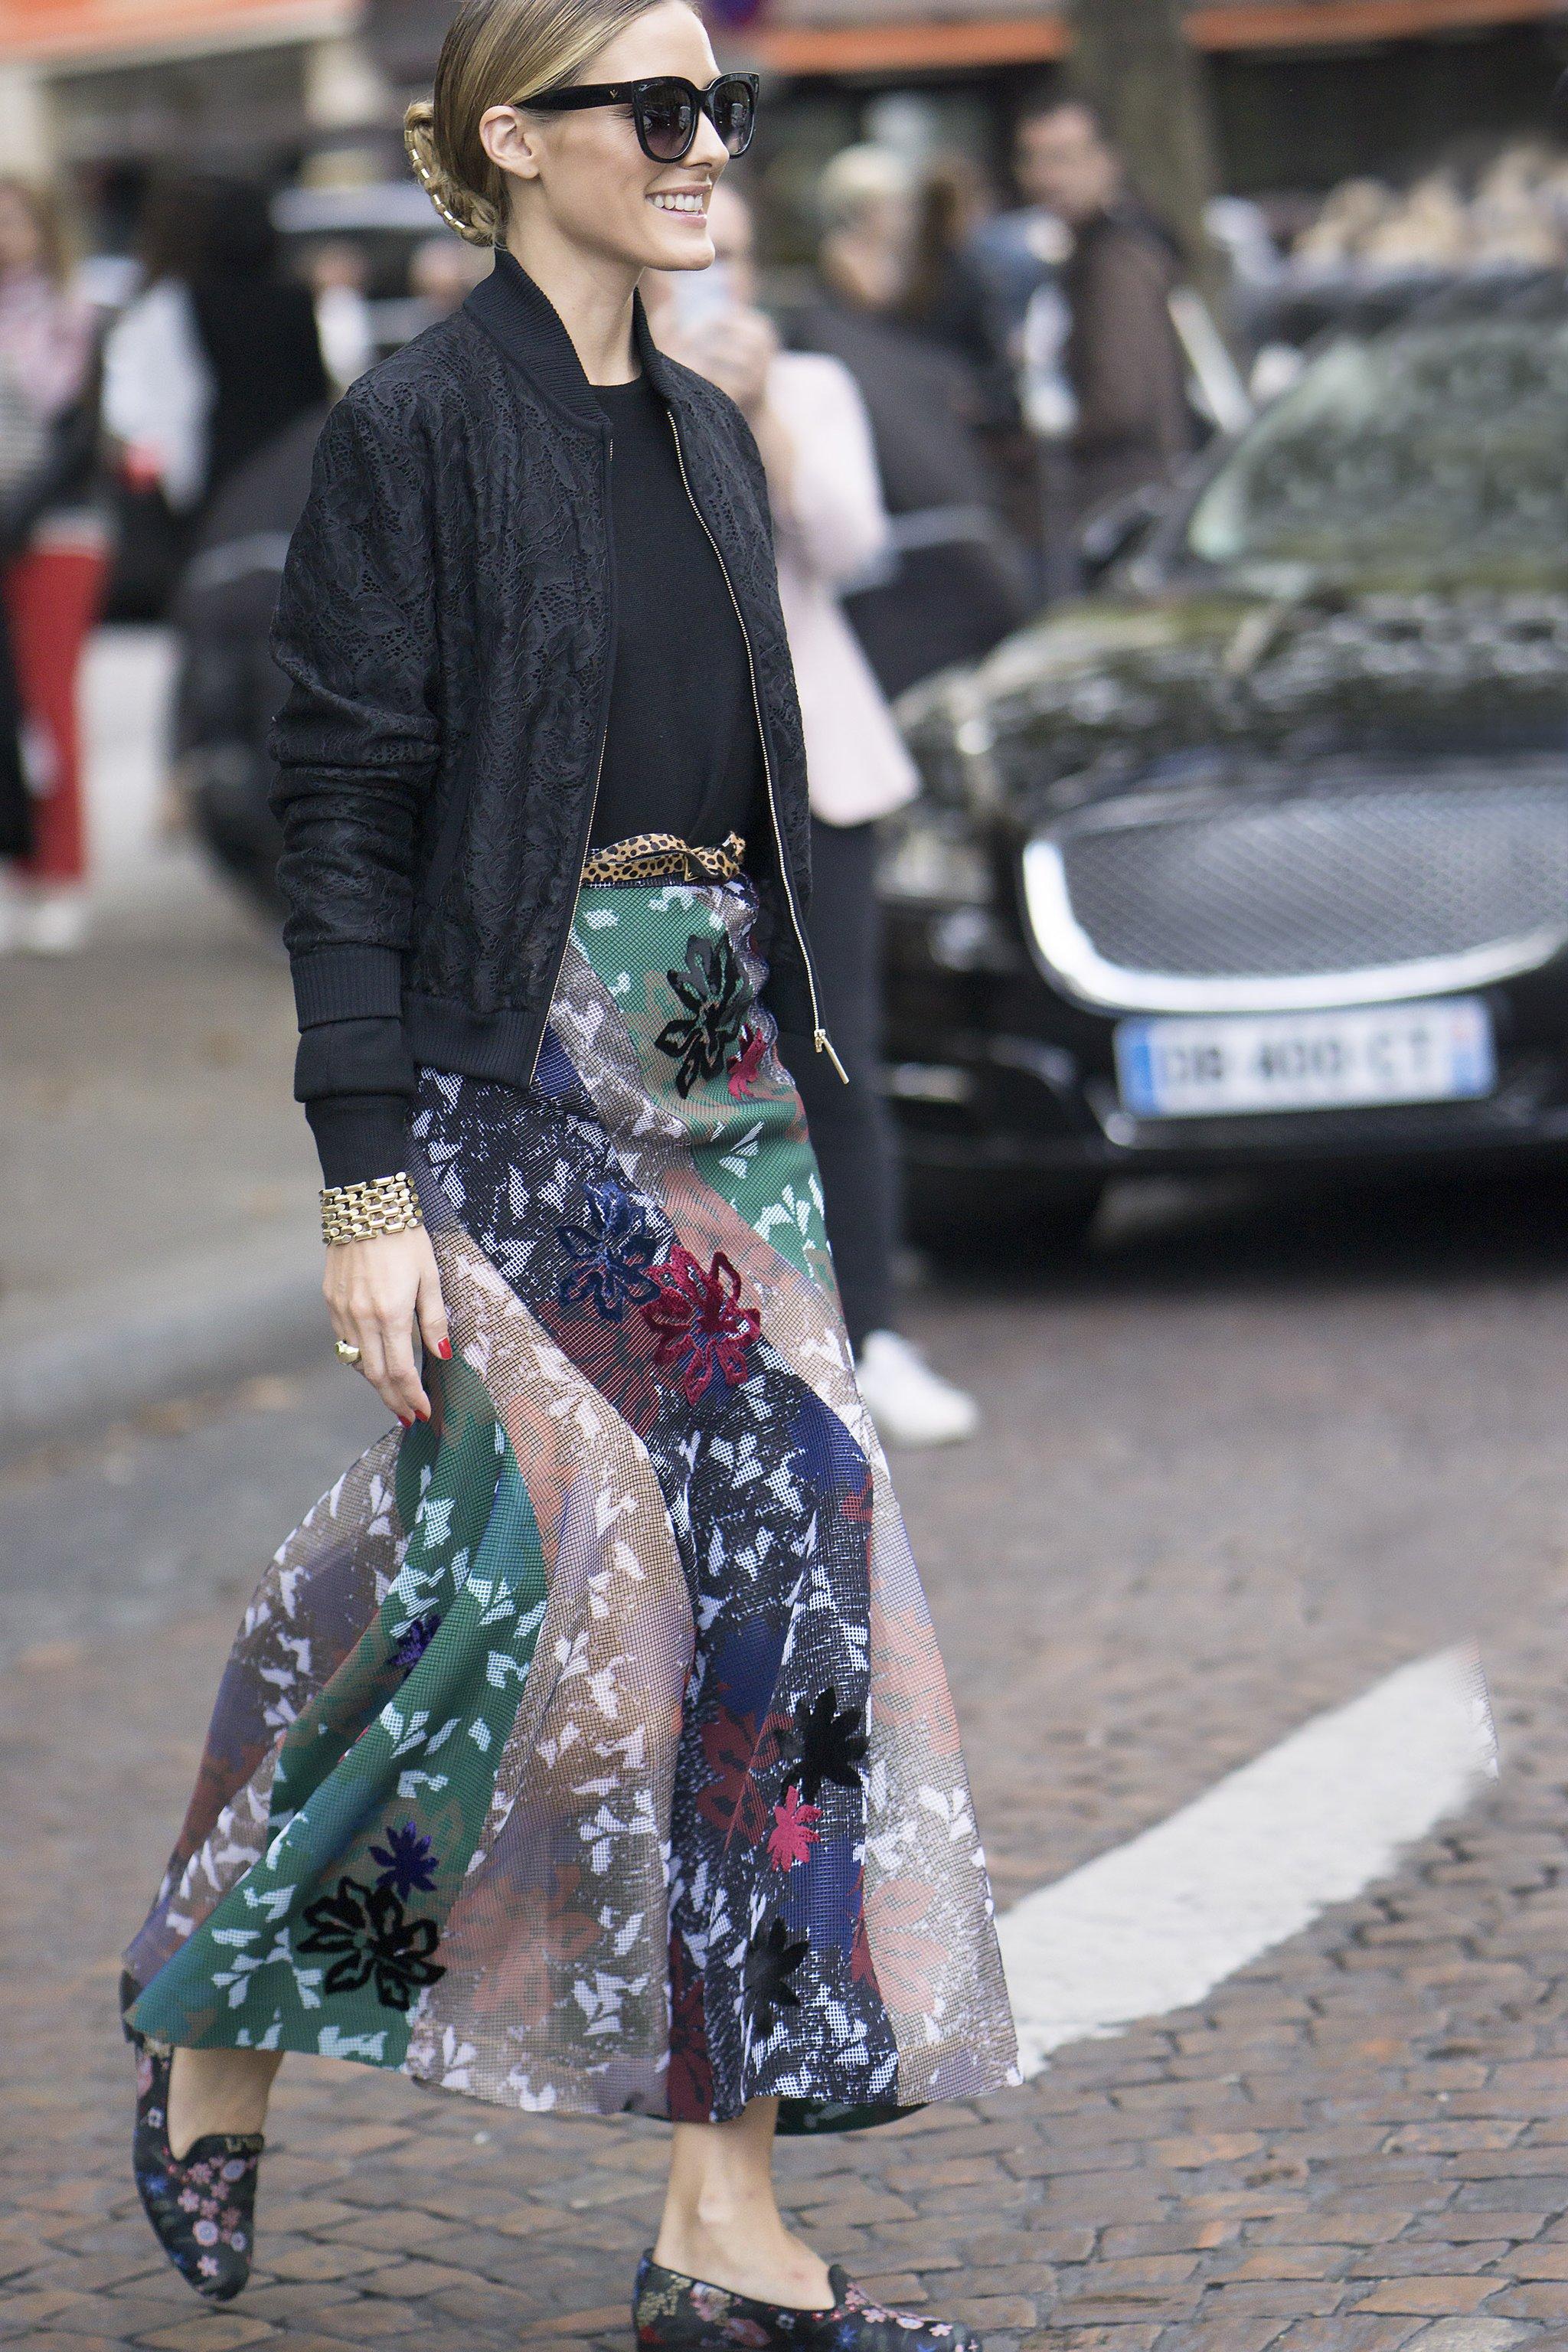 Chân váy dài vintage họa tiết sẽ khiến cho set đồ của phái đẹp trông trẻ trung, tươi mới và dễ dàng tạo ấn tượng